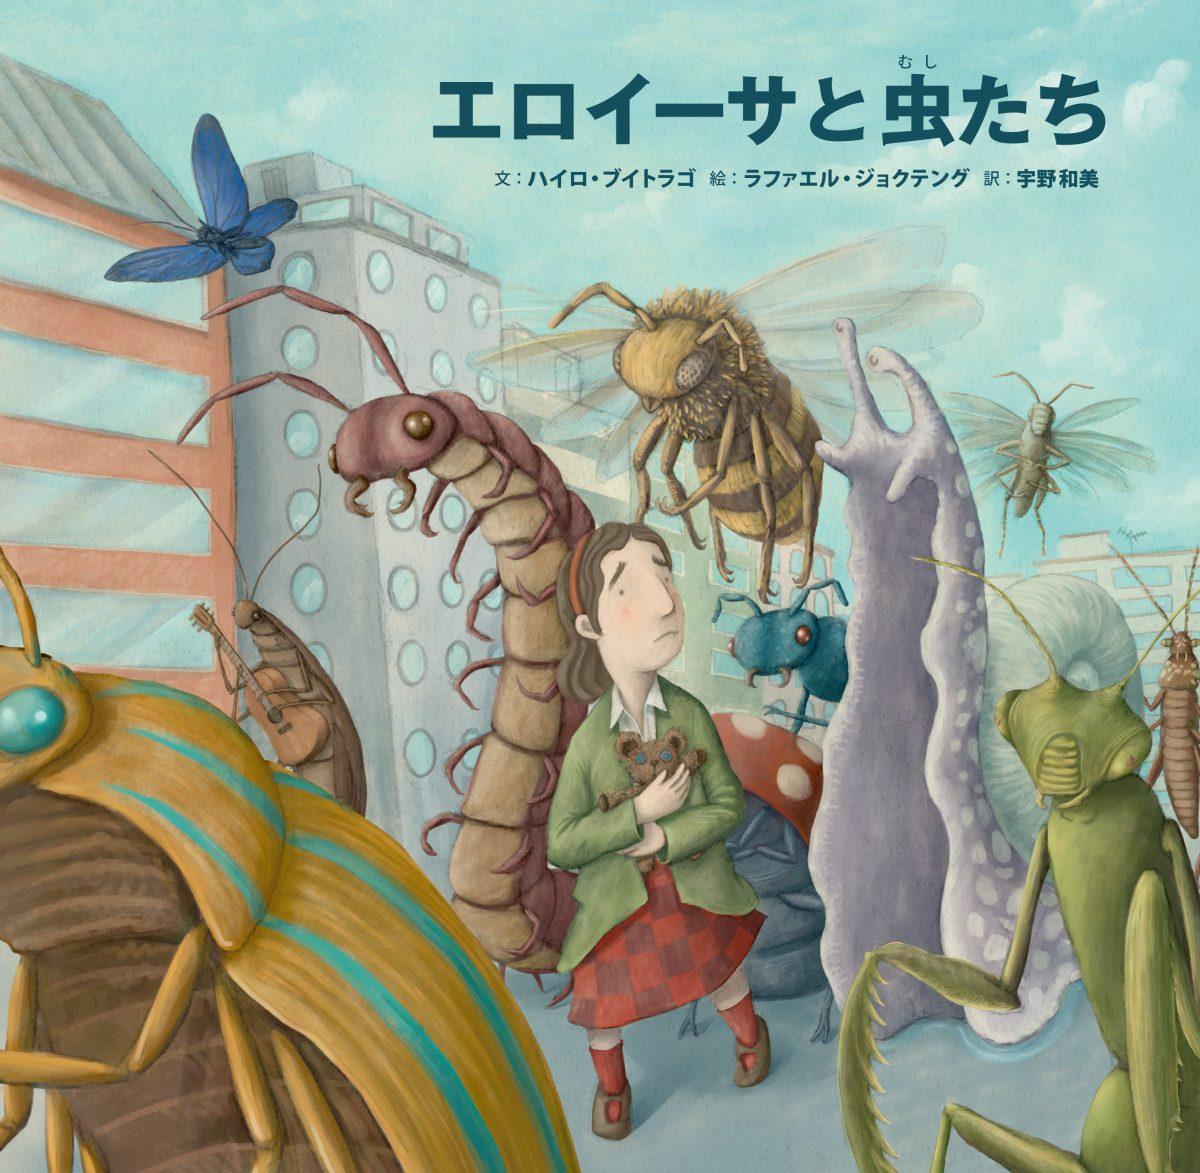 絵本「エロイーサと虫たち」の表紙